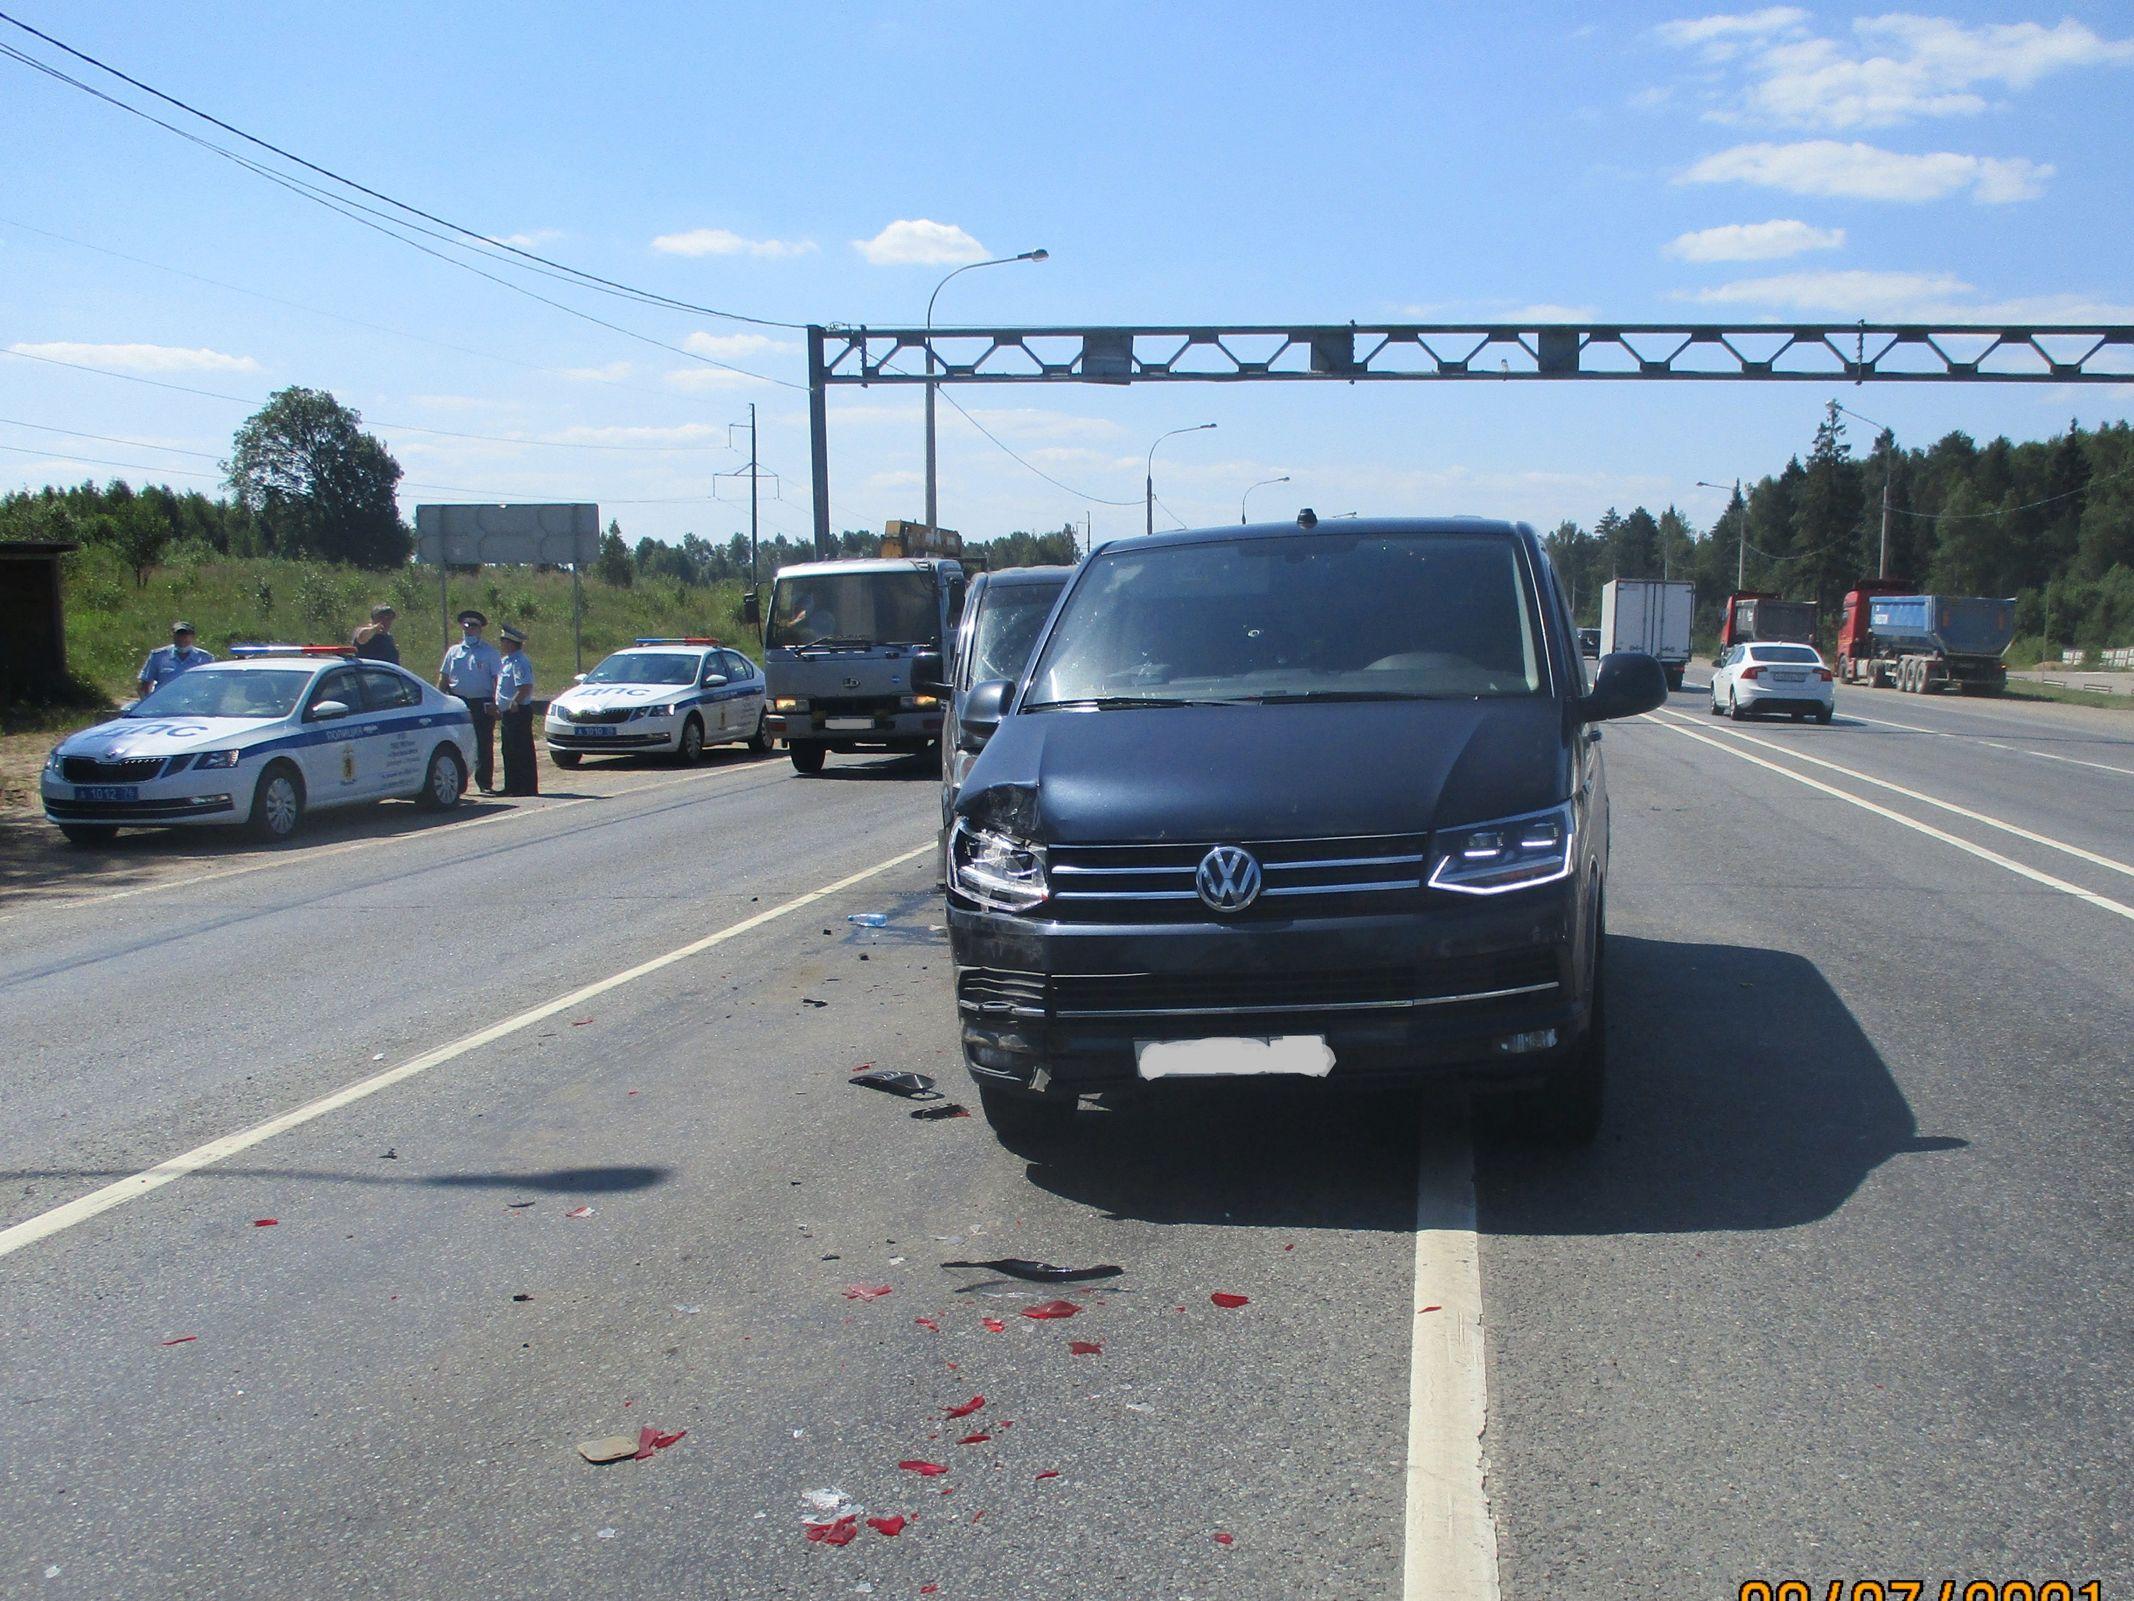 На трассе в Ярославской области в ДТП с микроавтобусами пострадали пять человек: госпитализирован ребенок